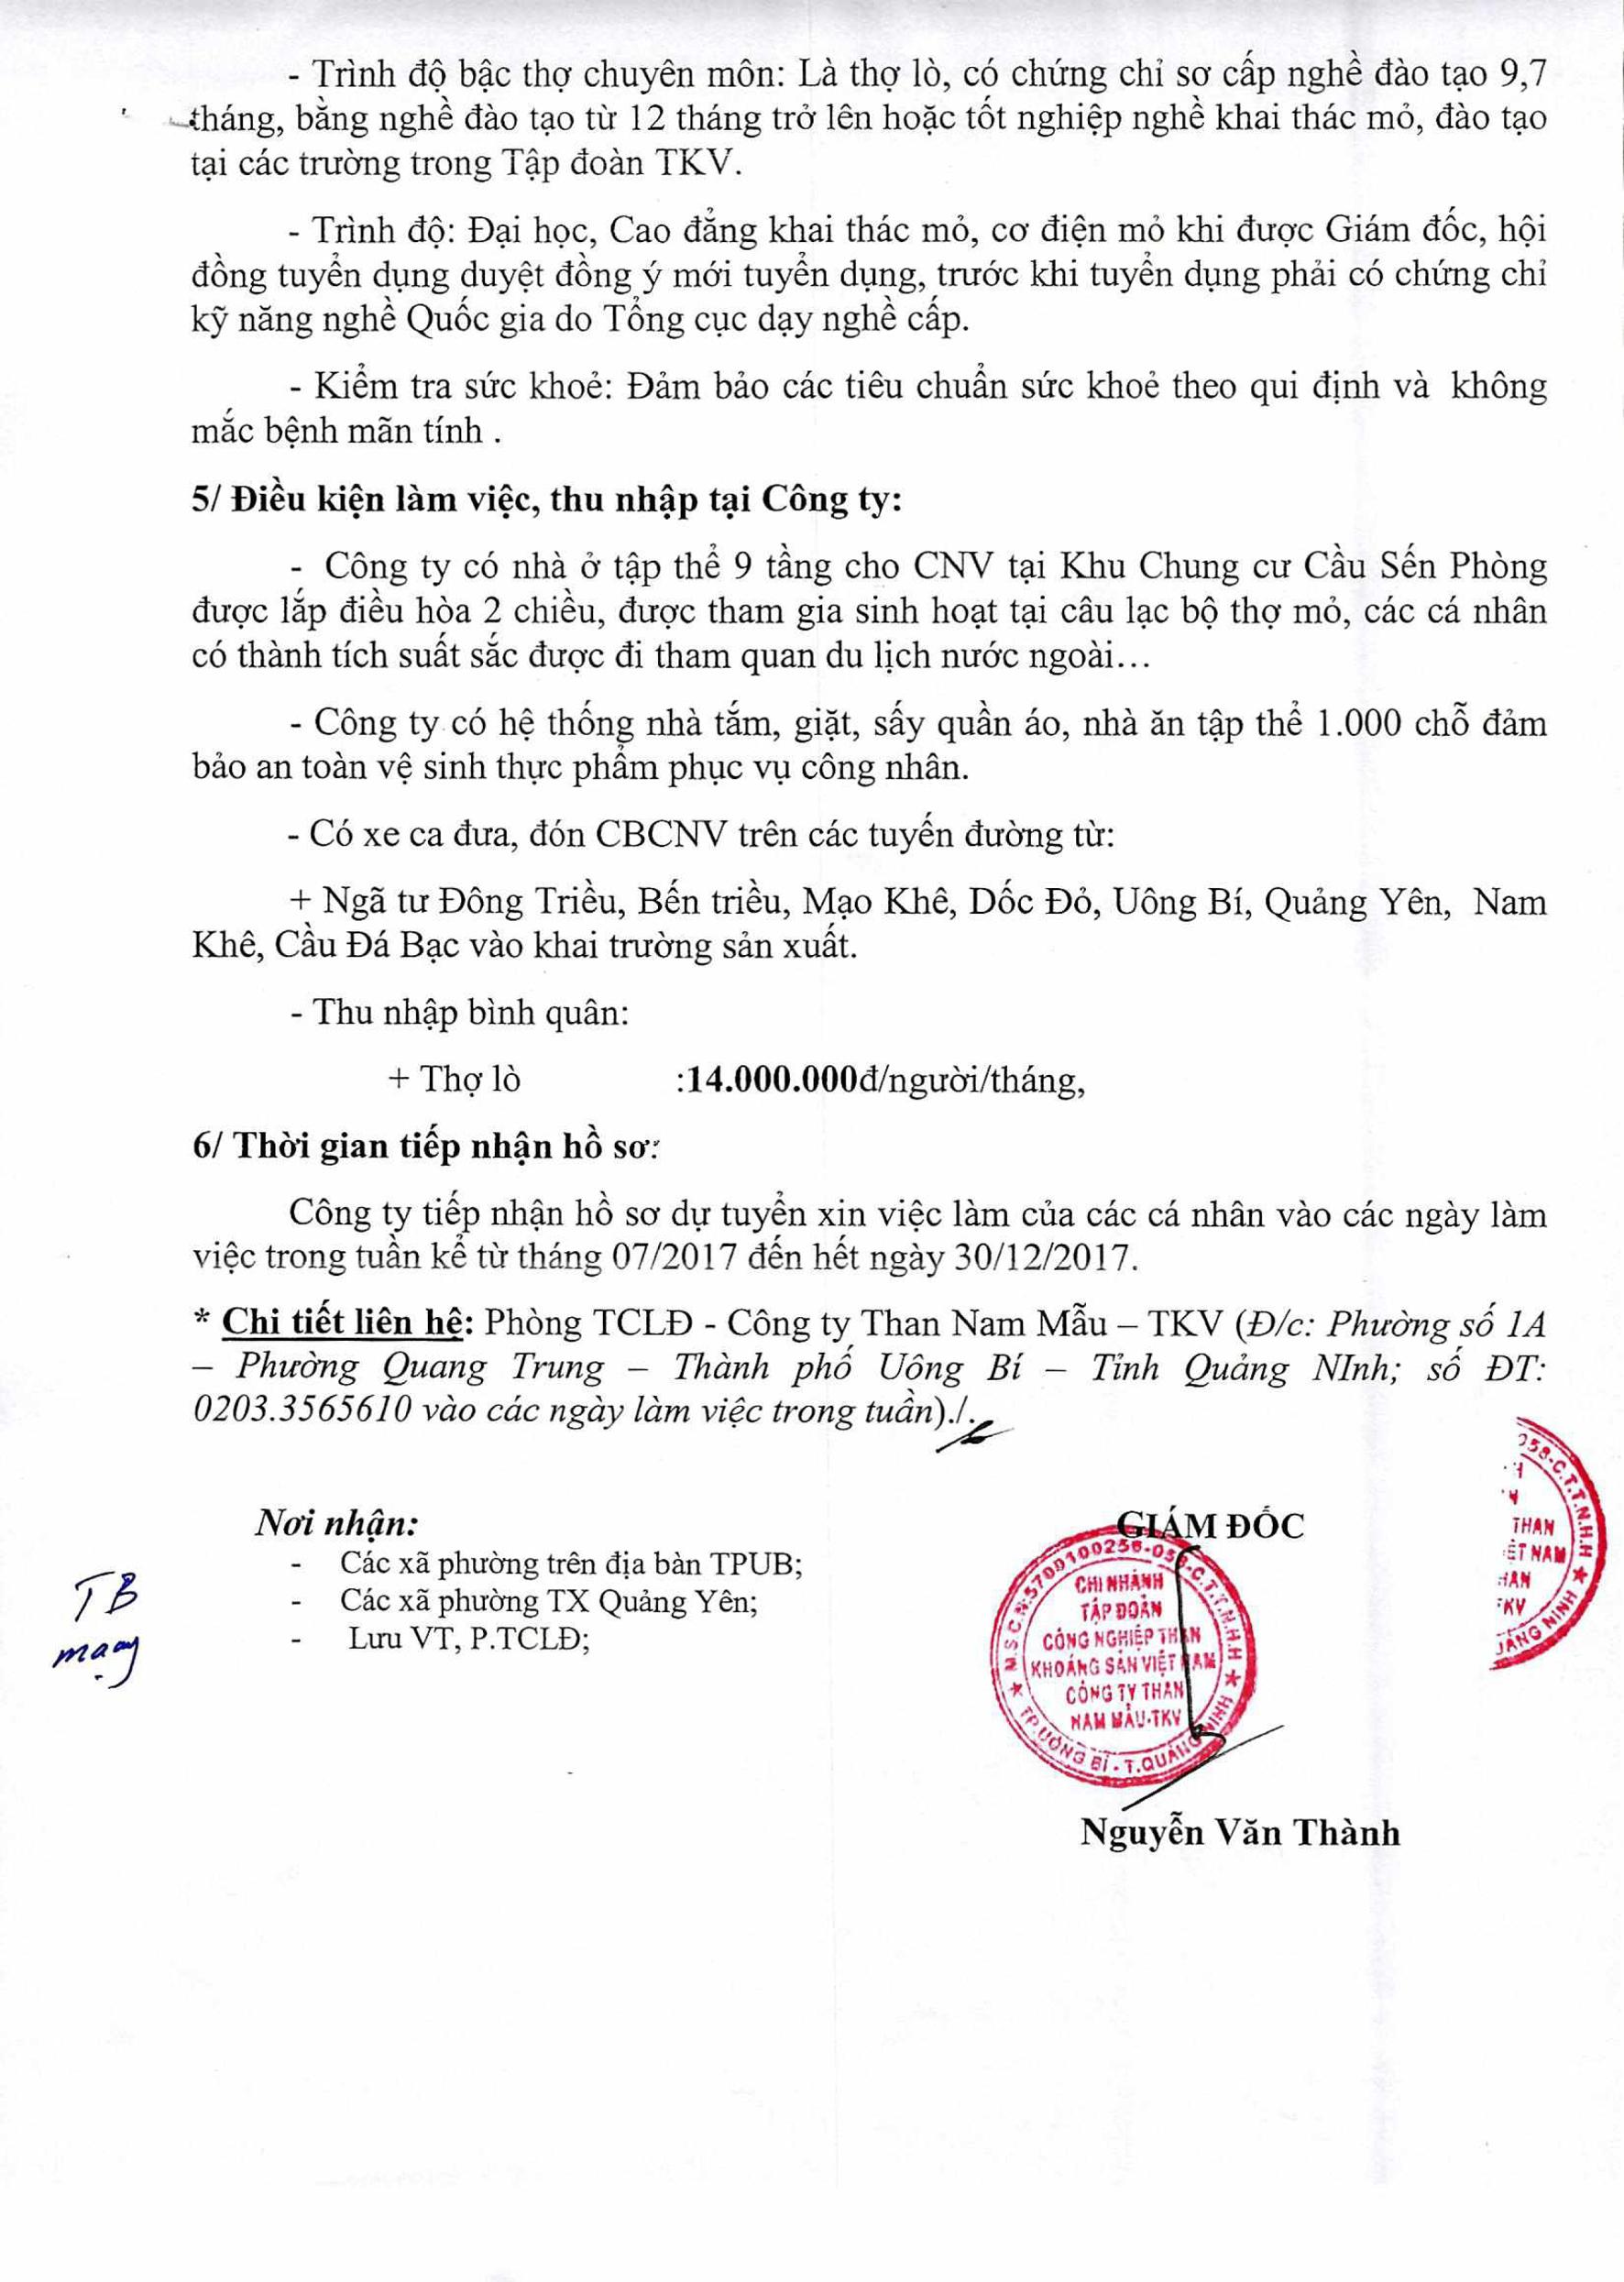 Công ty Than Nam Mẫu -TKV thông báo tuyển dụng lao động (2)